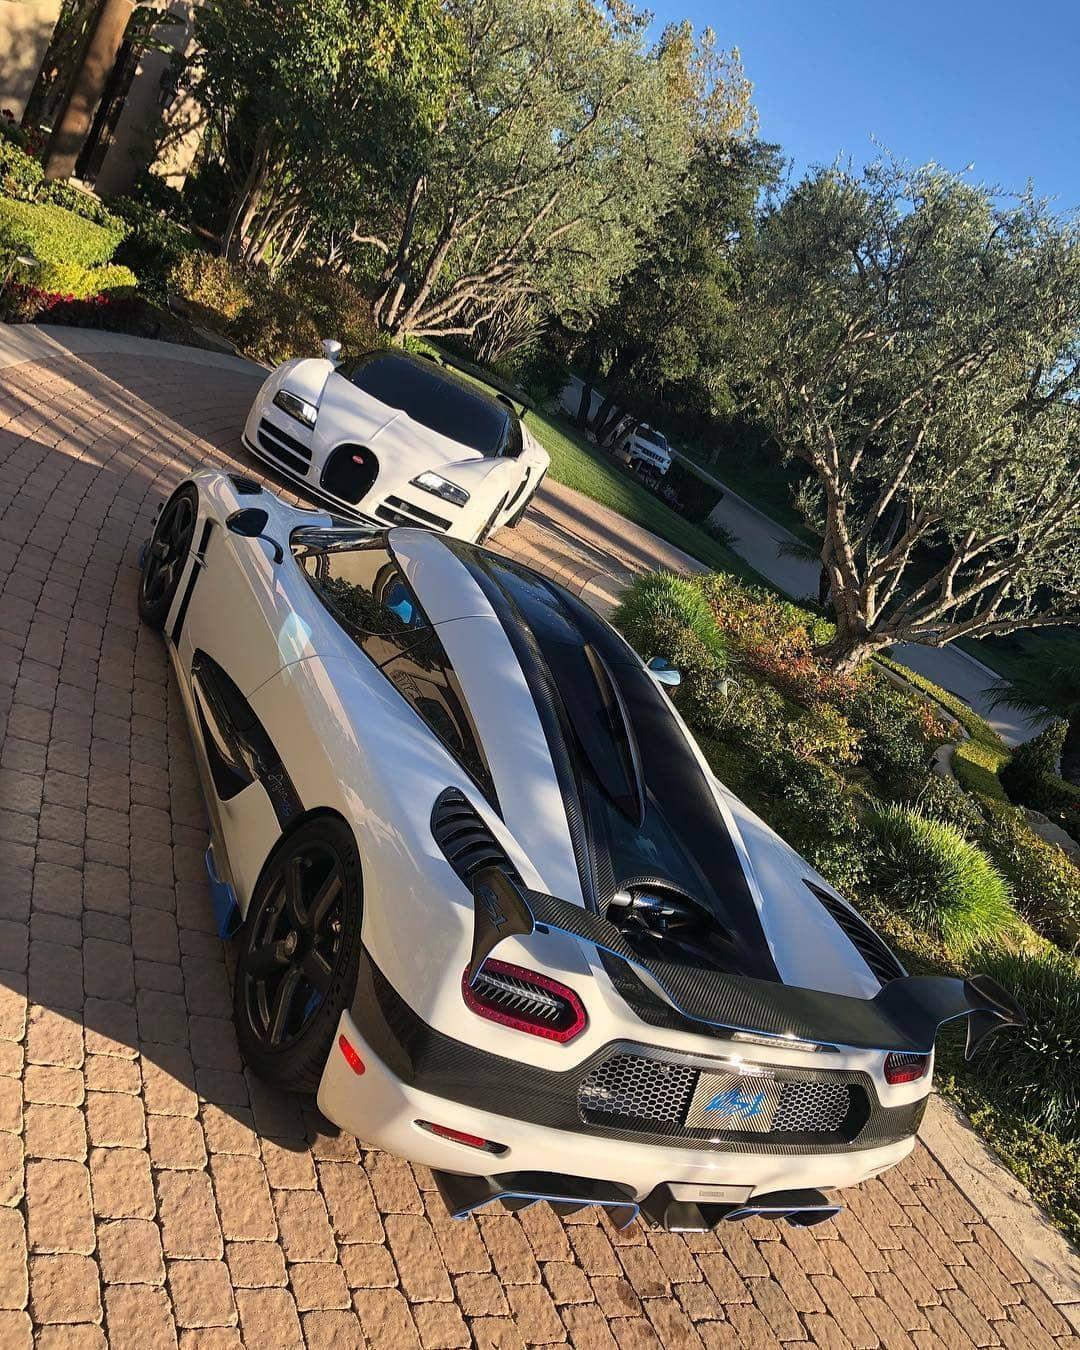 Koenigsegg Ccxr Vs Bugatti Veyron: #auto_v_i_p #bugatti #bugattiveyron #veyron #agera